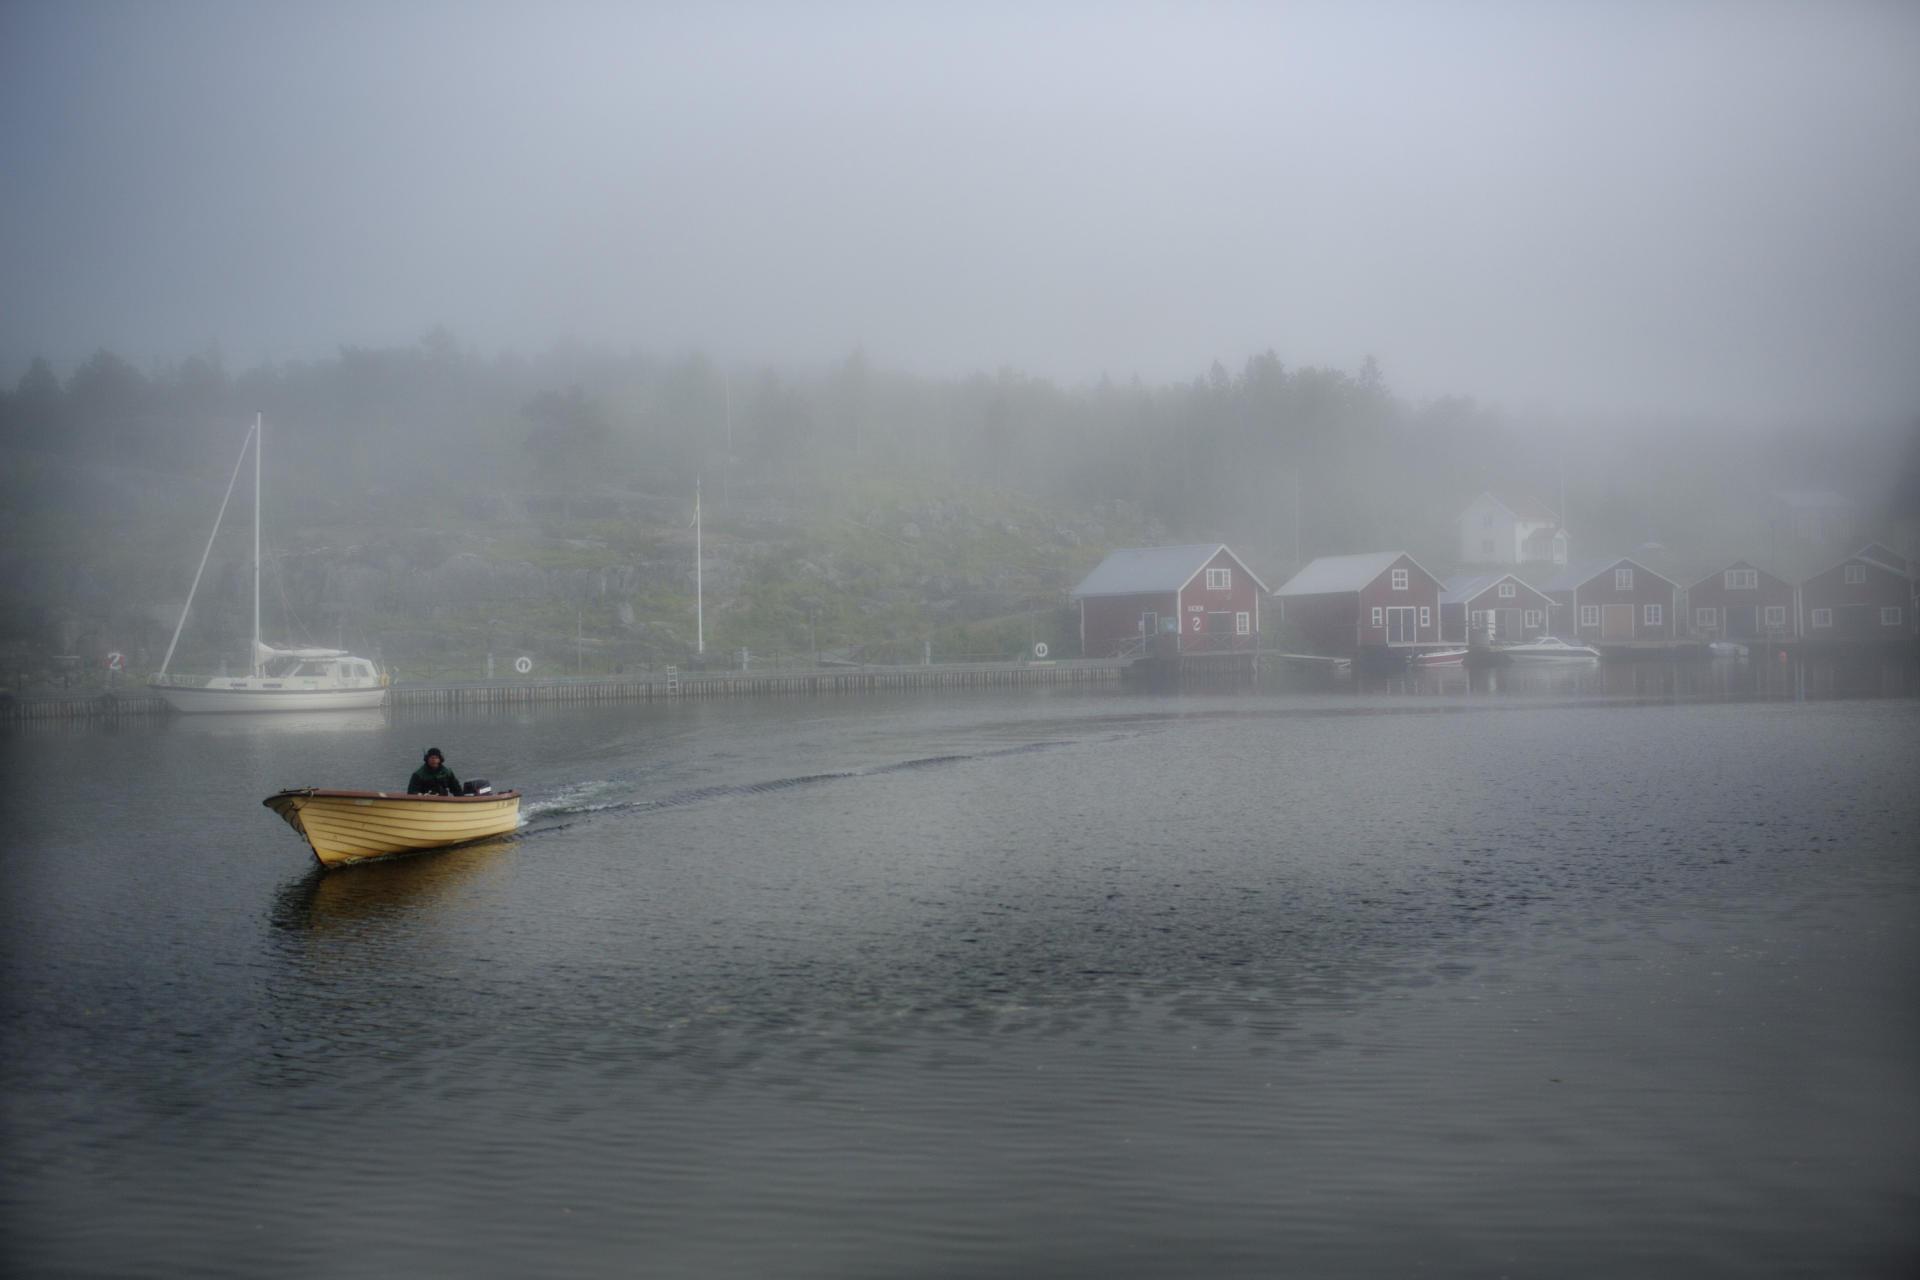 Le minuscule village de pêcheurs de Bönhamn noyé dans la brume.